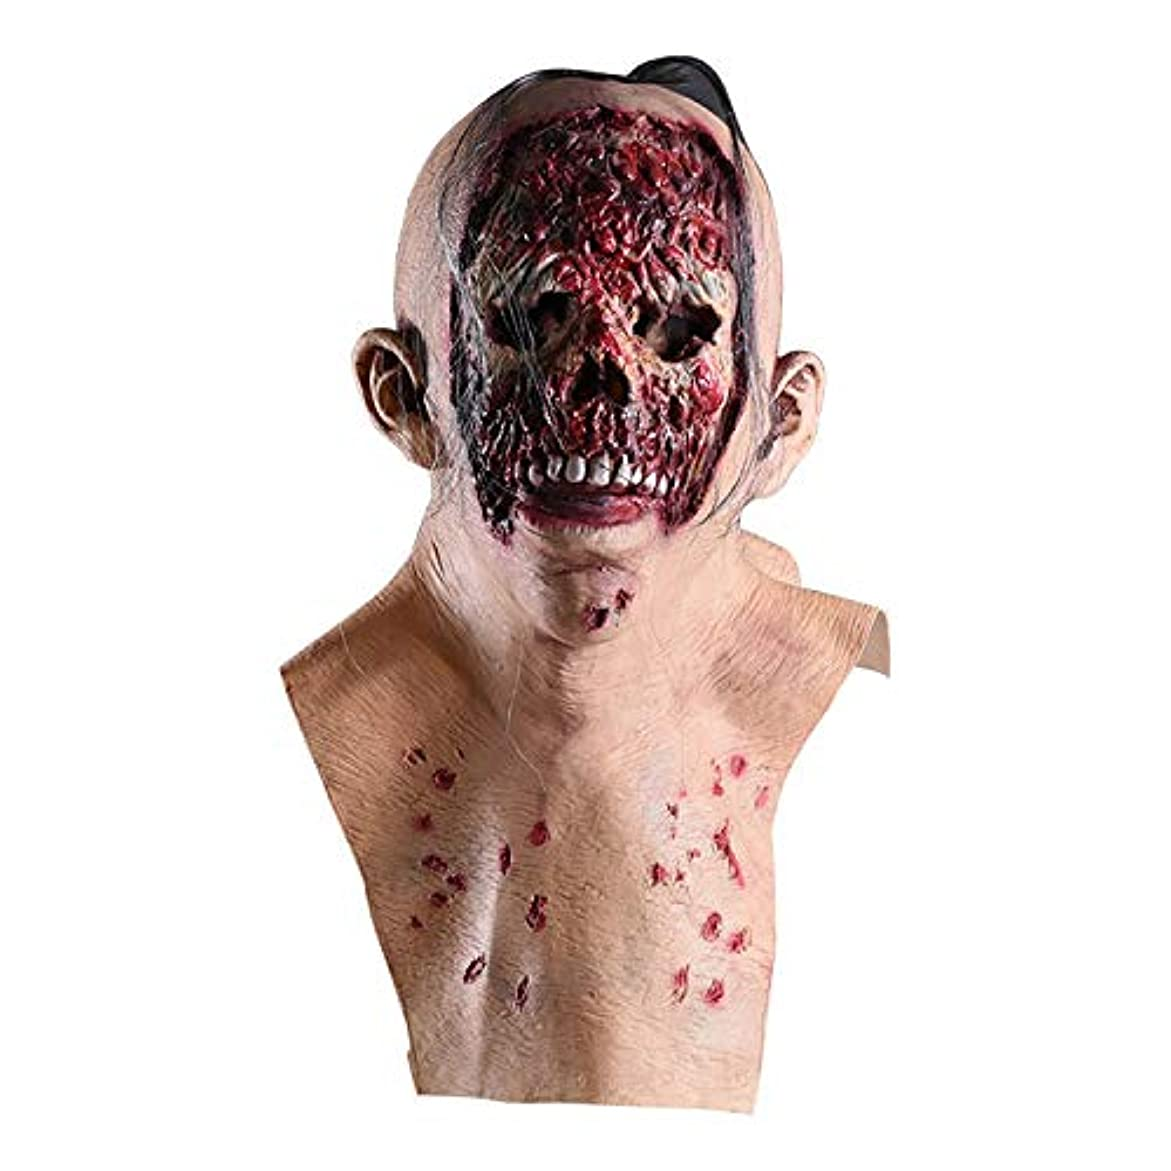 ブレイズ利用可能謎めいたハロウィン腐ったマスクバーお化け屋敷シークレットルームホラー小道具ゴーストフェスティバルktvパーティー怖い整頓